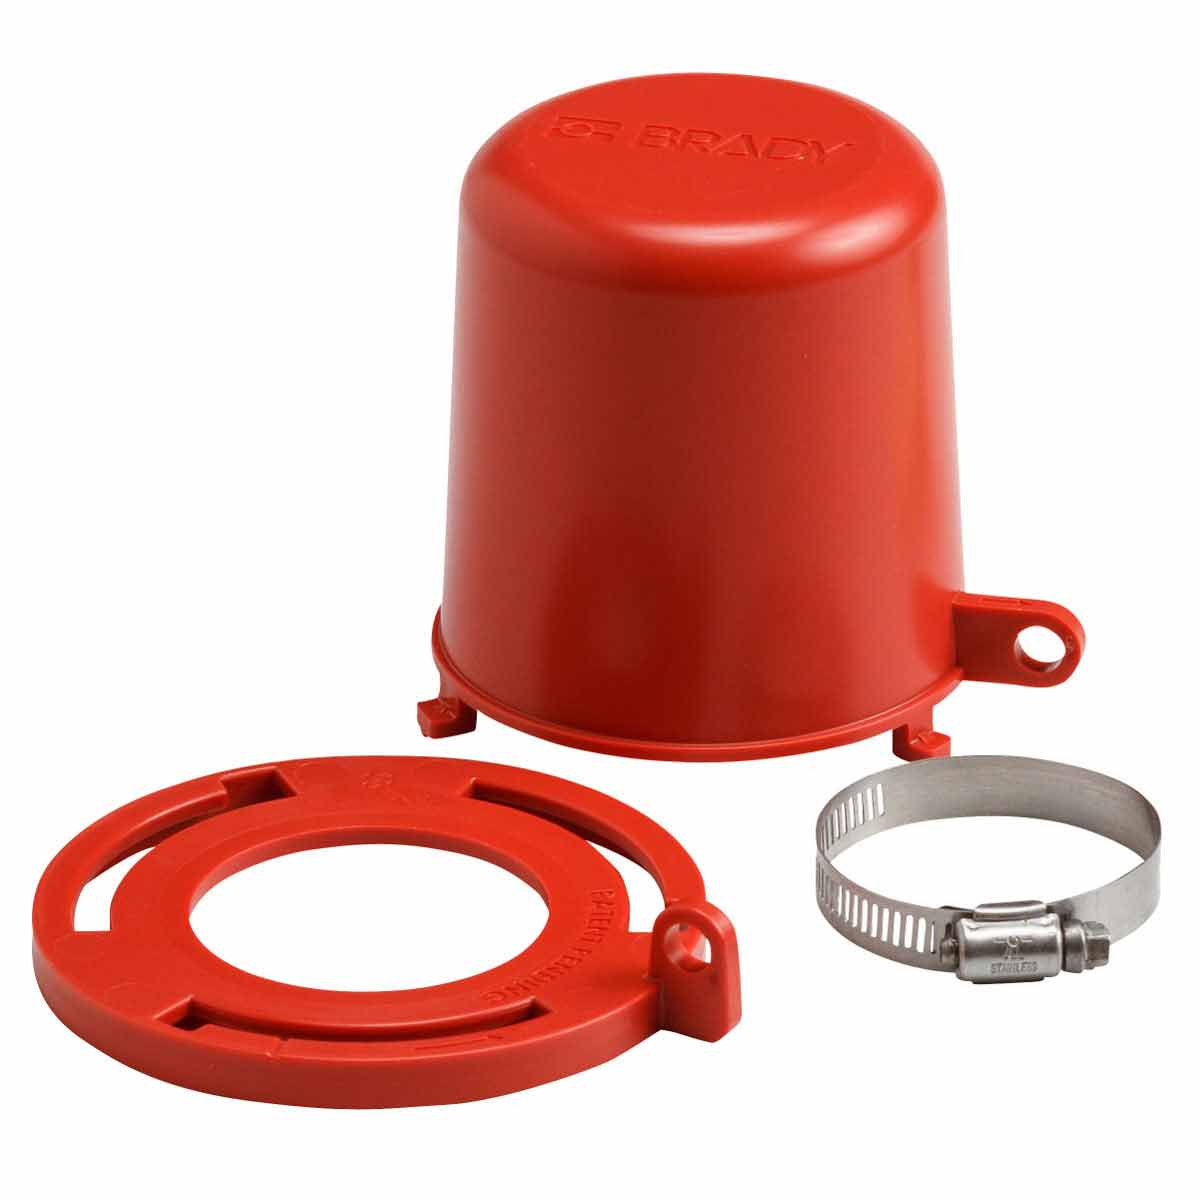 Brady® 113234 Plug Valve Lockout, Fits Minimum Handle Size: 2-3/16 in, Fits Maximum Handle Size: 2-1/2 in, 1 Padlocks, 0 deg F Min, 175 deg F max